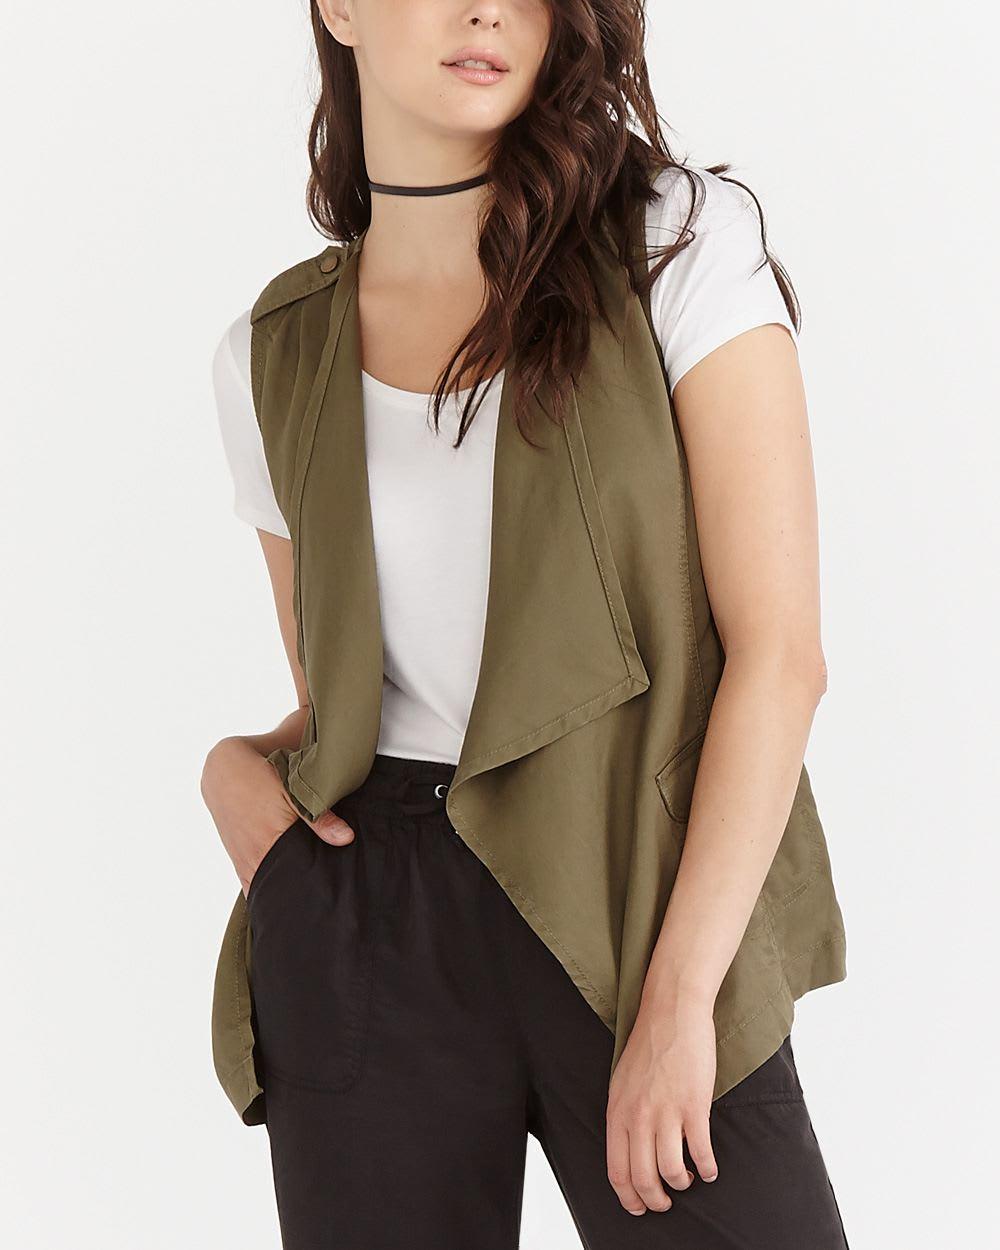 Portées par-dessus ou en-dessous, nos vestes sans manches pour femme mettent de la fantaisie dans la silhouette féminine pour un budget léger comme elles. ♥ Qualité optimale Large choix Mode éco-responsable l'e-shop de C&A.